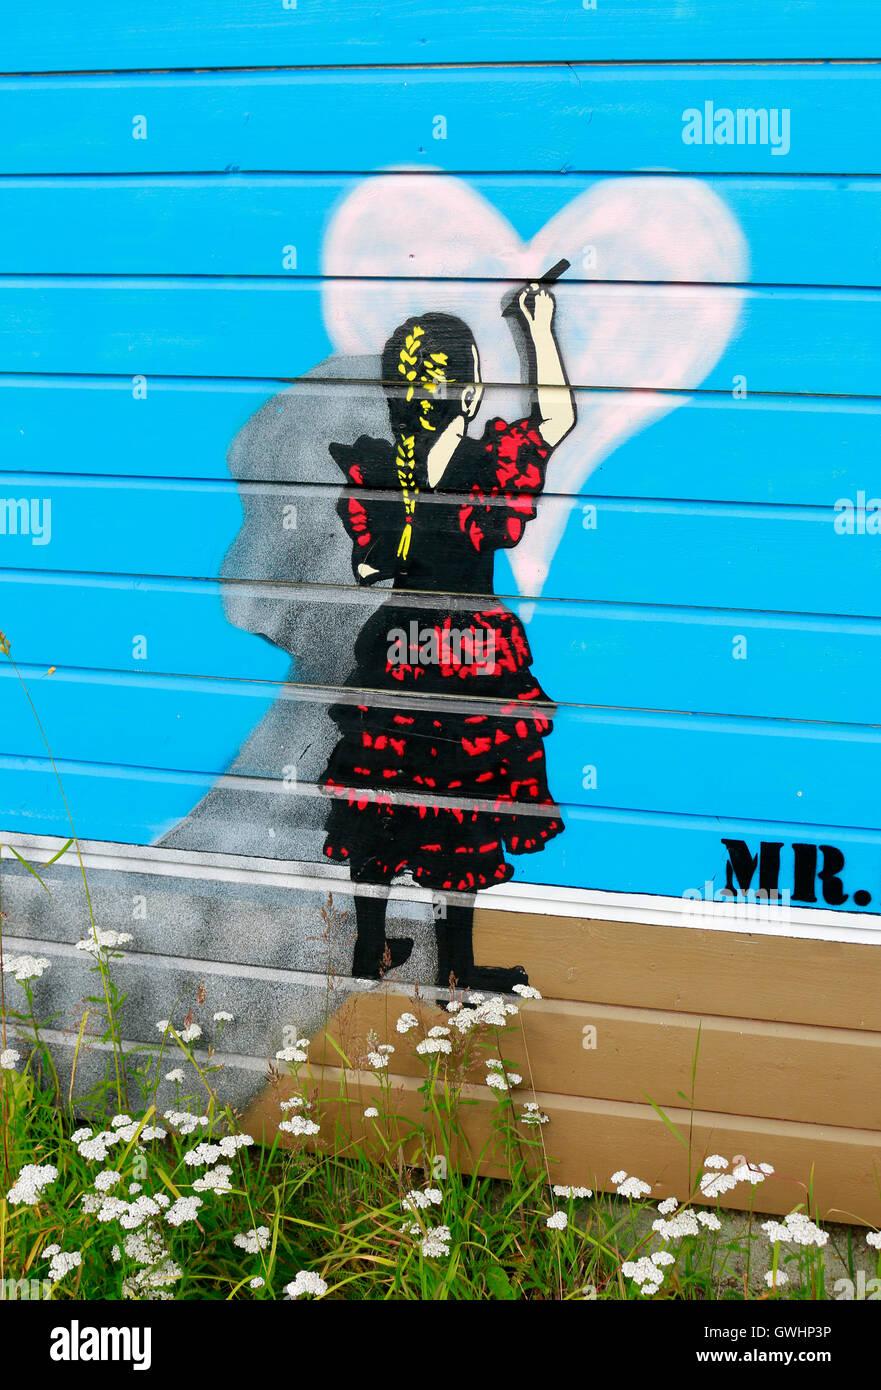 Street Art  (wahrscheinlich von dem aus Stavanger kommenden Pobel) - Henningsvaer, Lofoten, Norwegen. - Stock Image